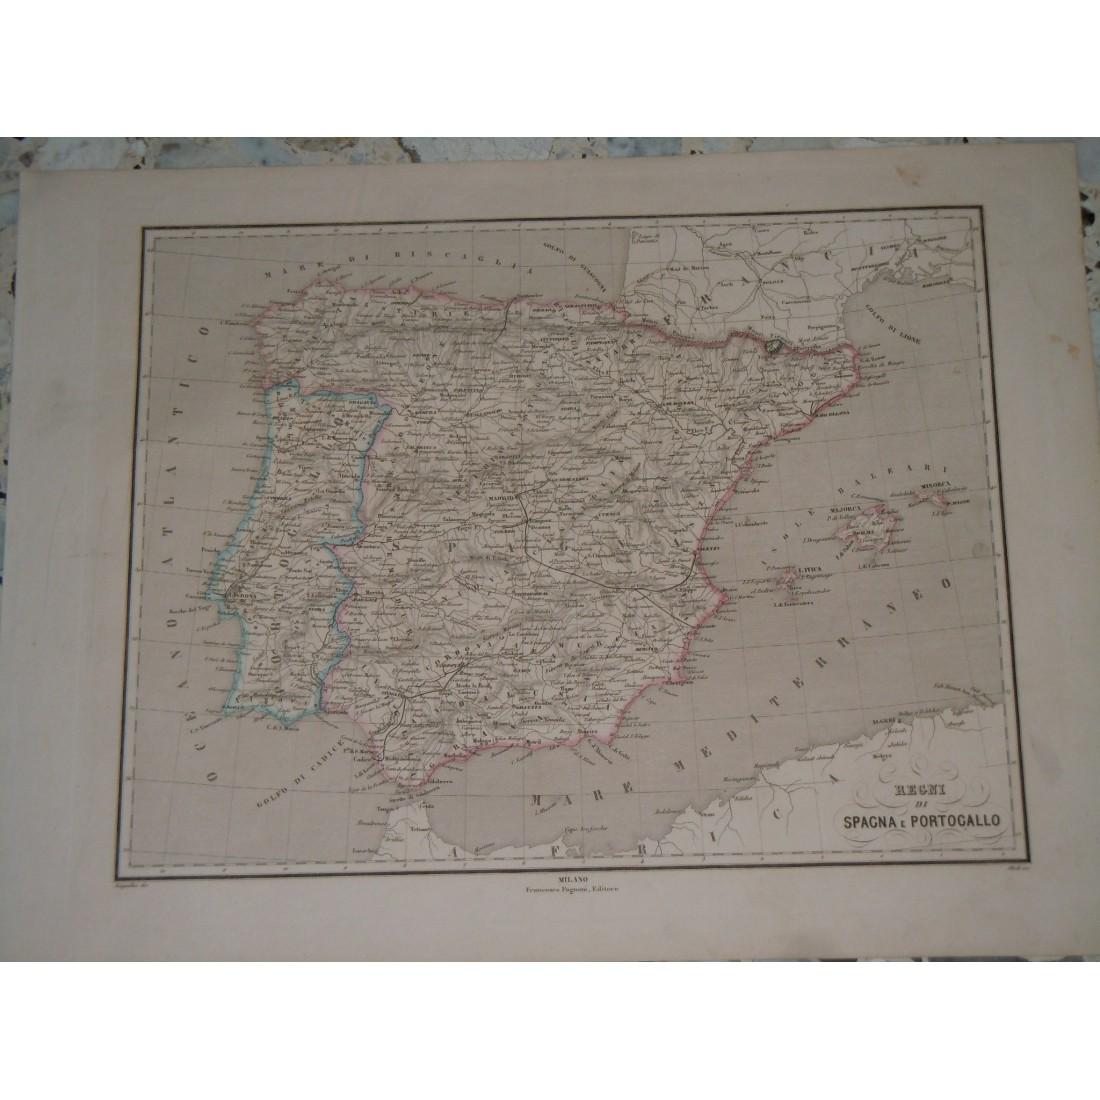 Portogallo Spagna Cartina.Cartina Geografica Regni Spagna E Portogallo Incisione Allodi Pagnoni Editore